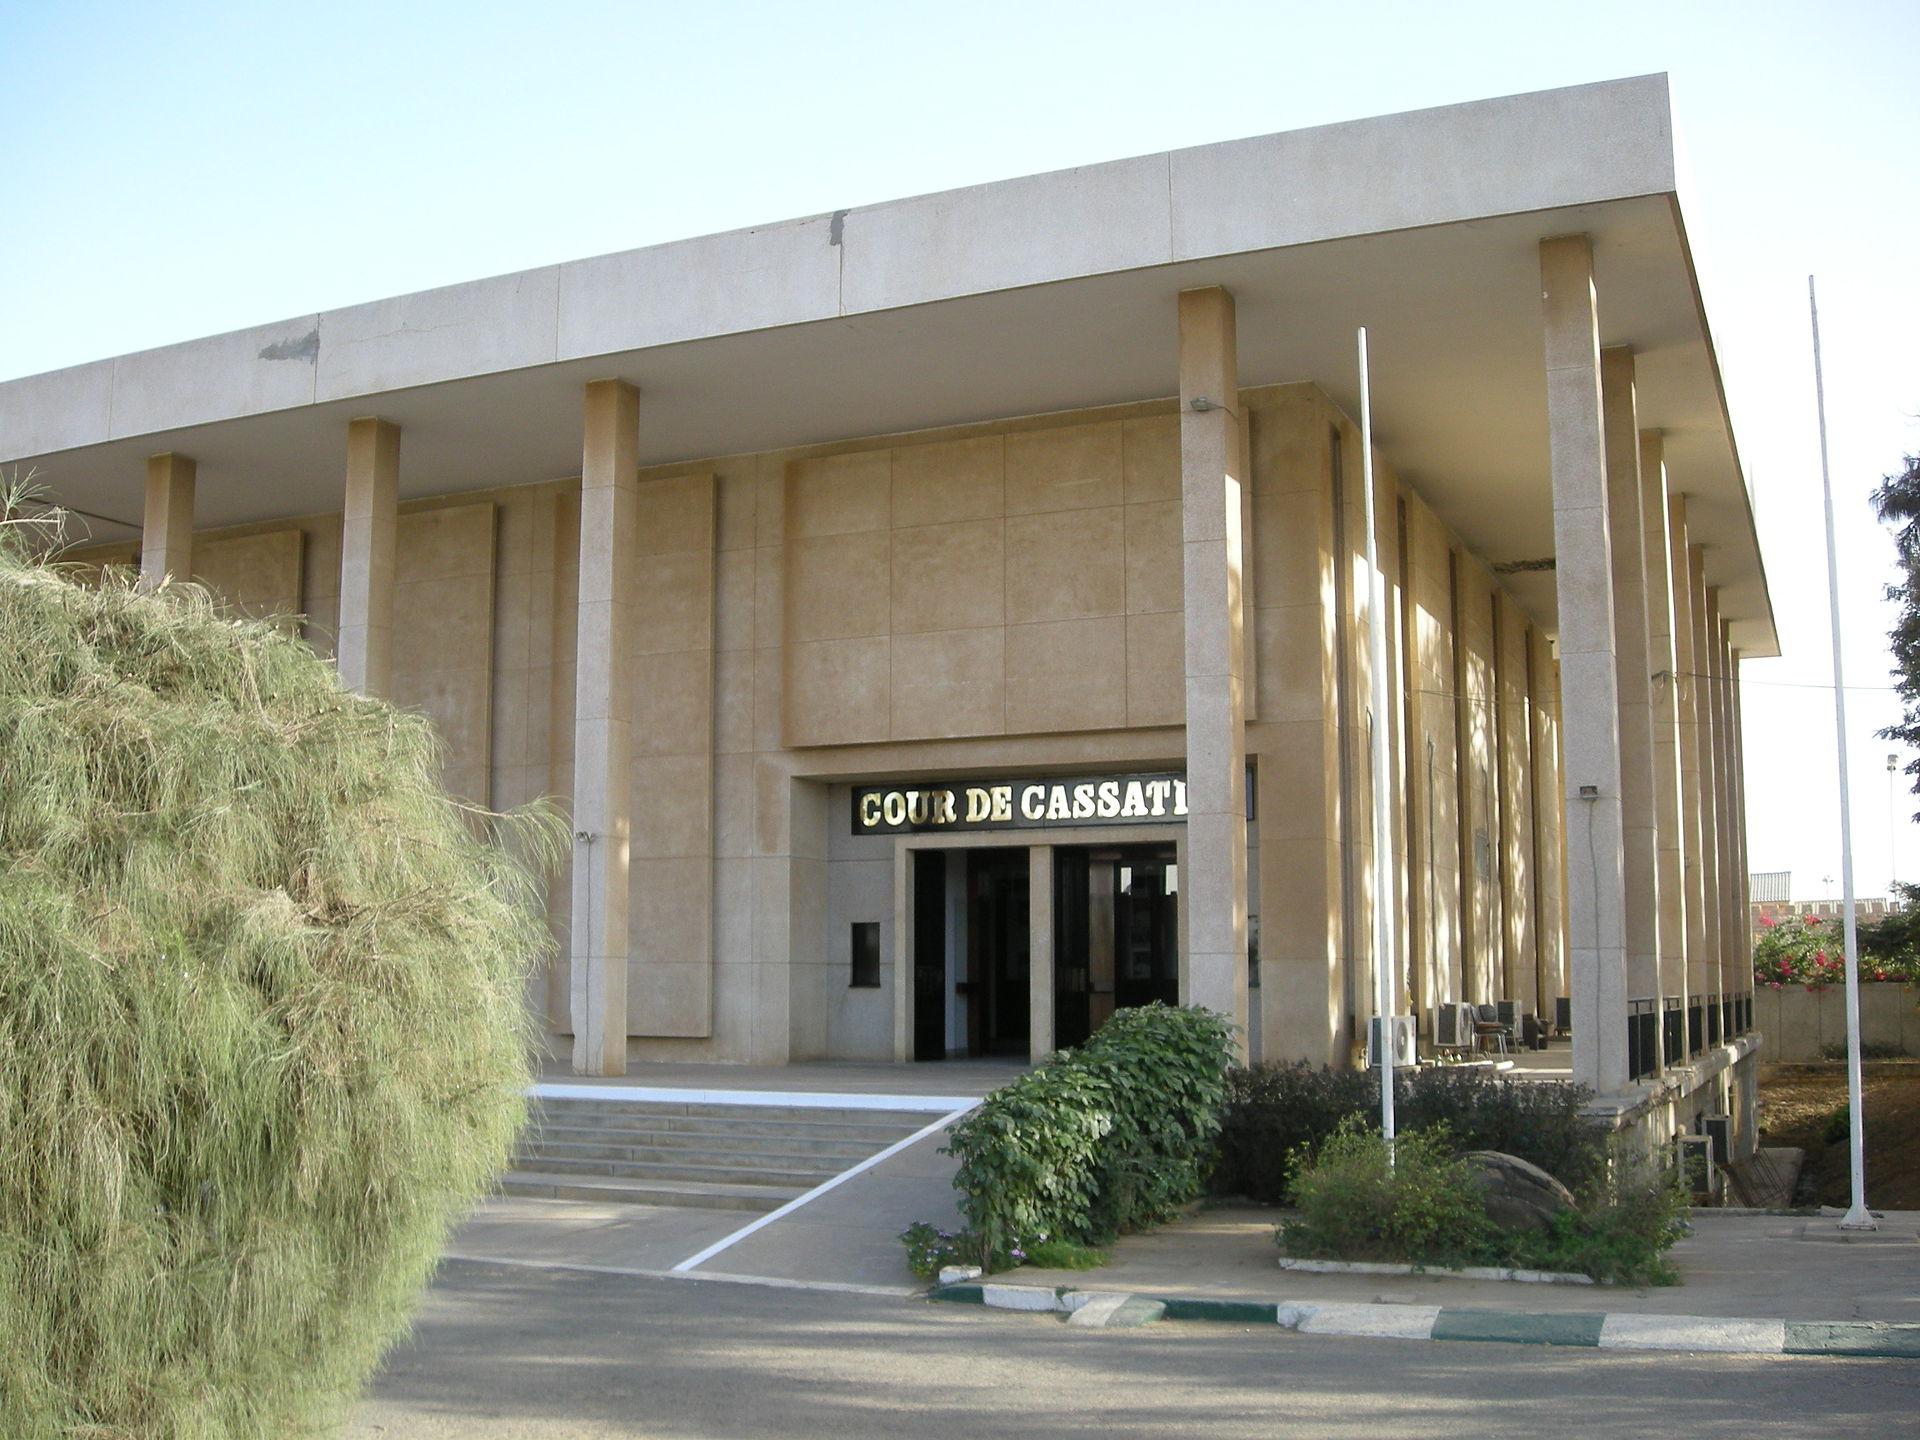 Cour de cassation s n gal wikip dia for 6 chambres cour de cassation